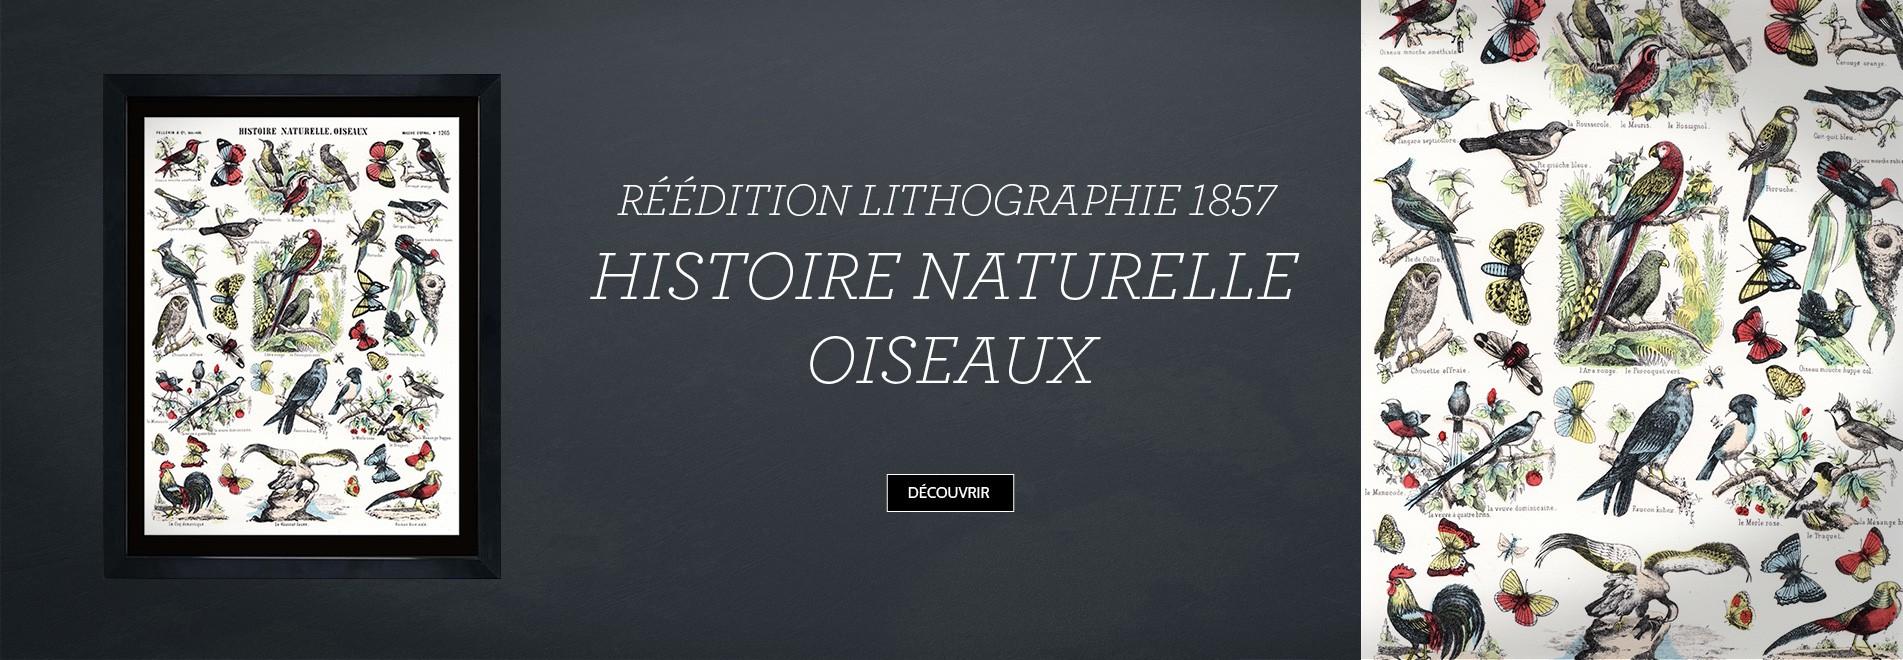 REEDITION LITHOGRAPHIE 1857 – HISTOIRE NATURELLE OISEAUX